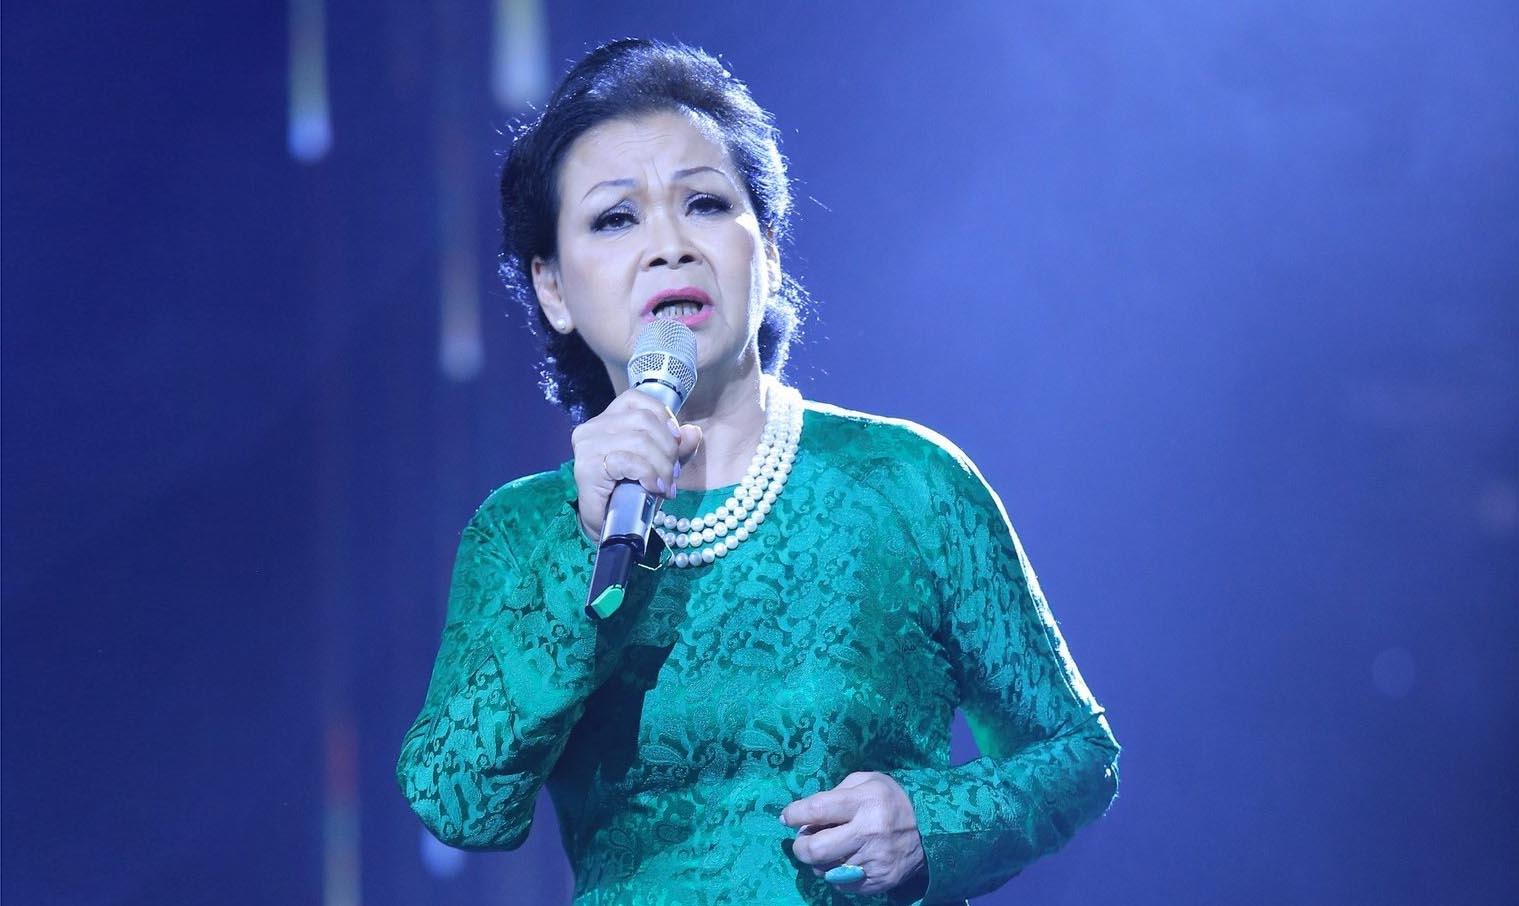 Khánh Ly đong đầy cảm xúc trong đêm nhạc kỷ niệm 55 năm ca hát